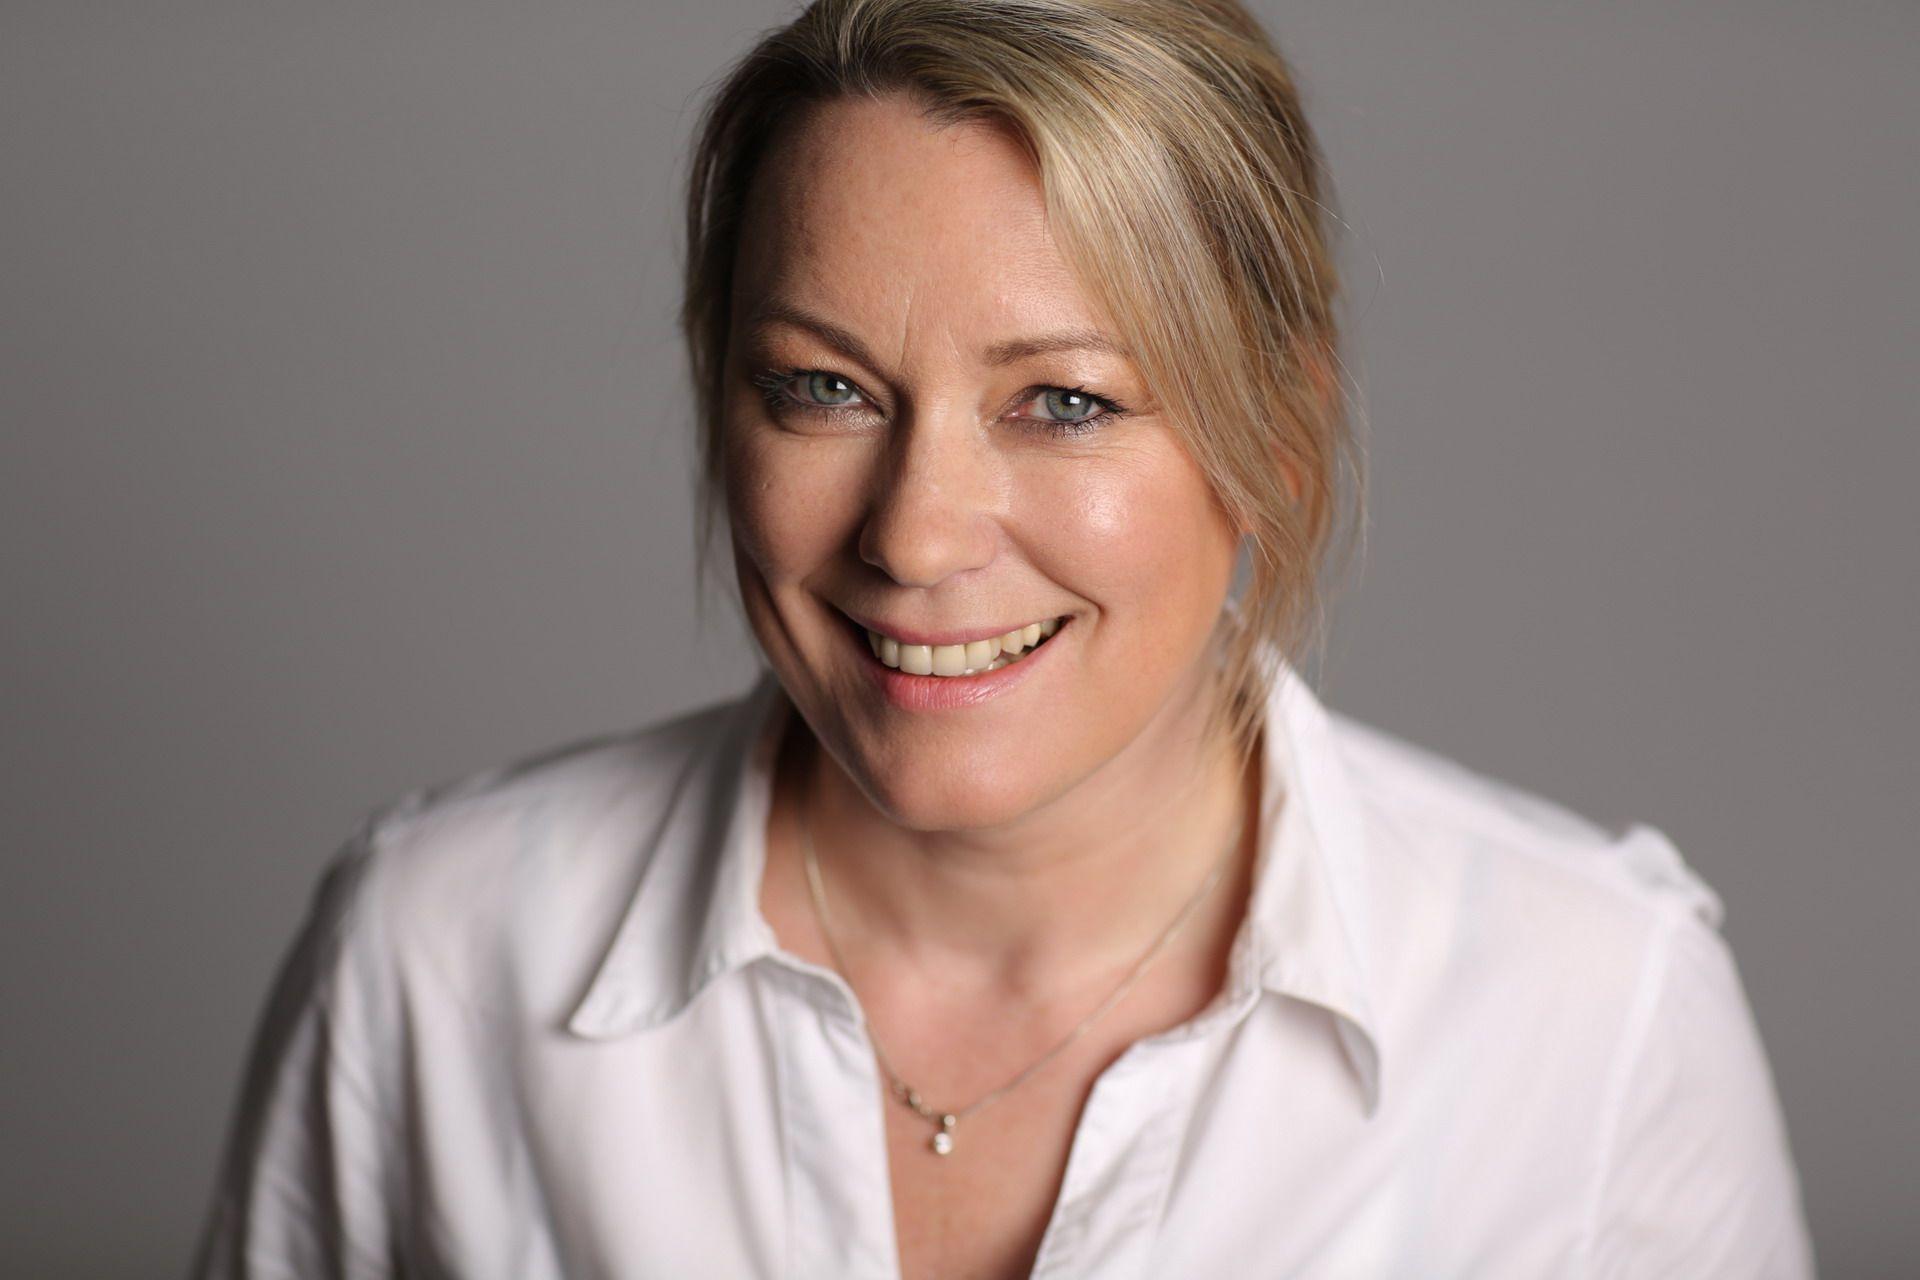 Natalie Gude Losada